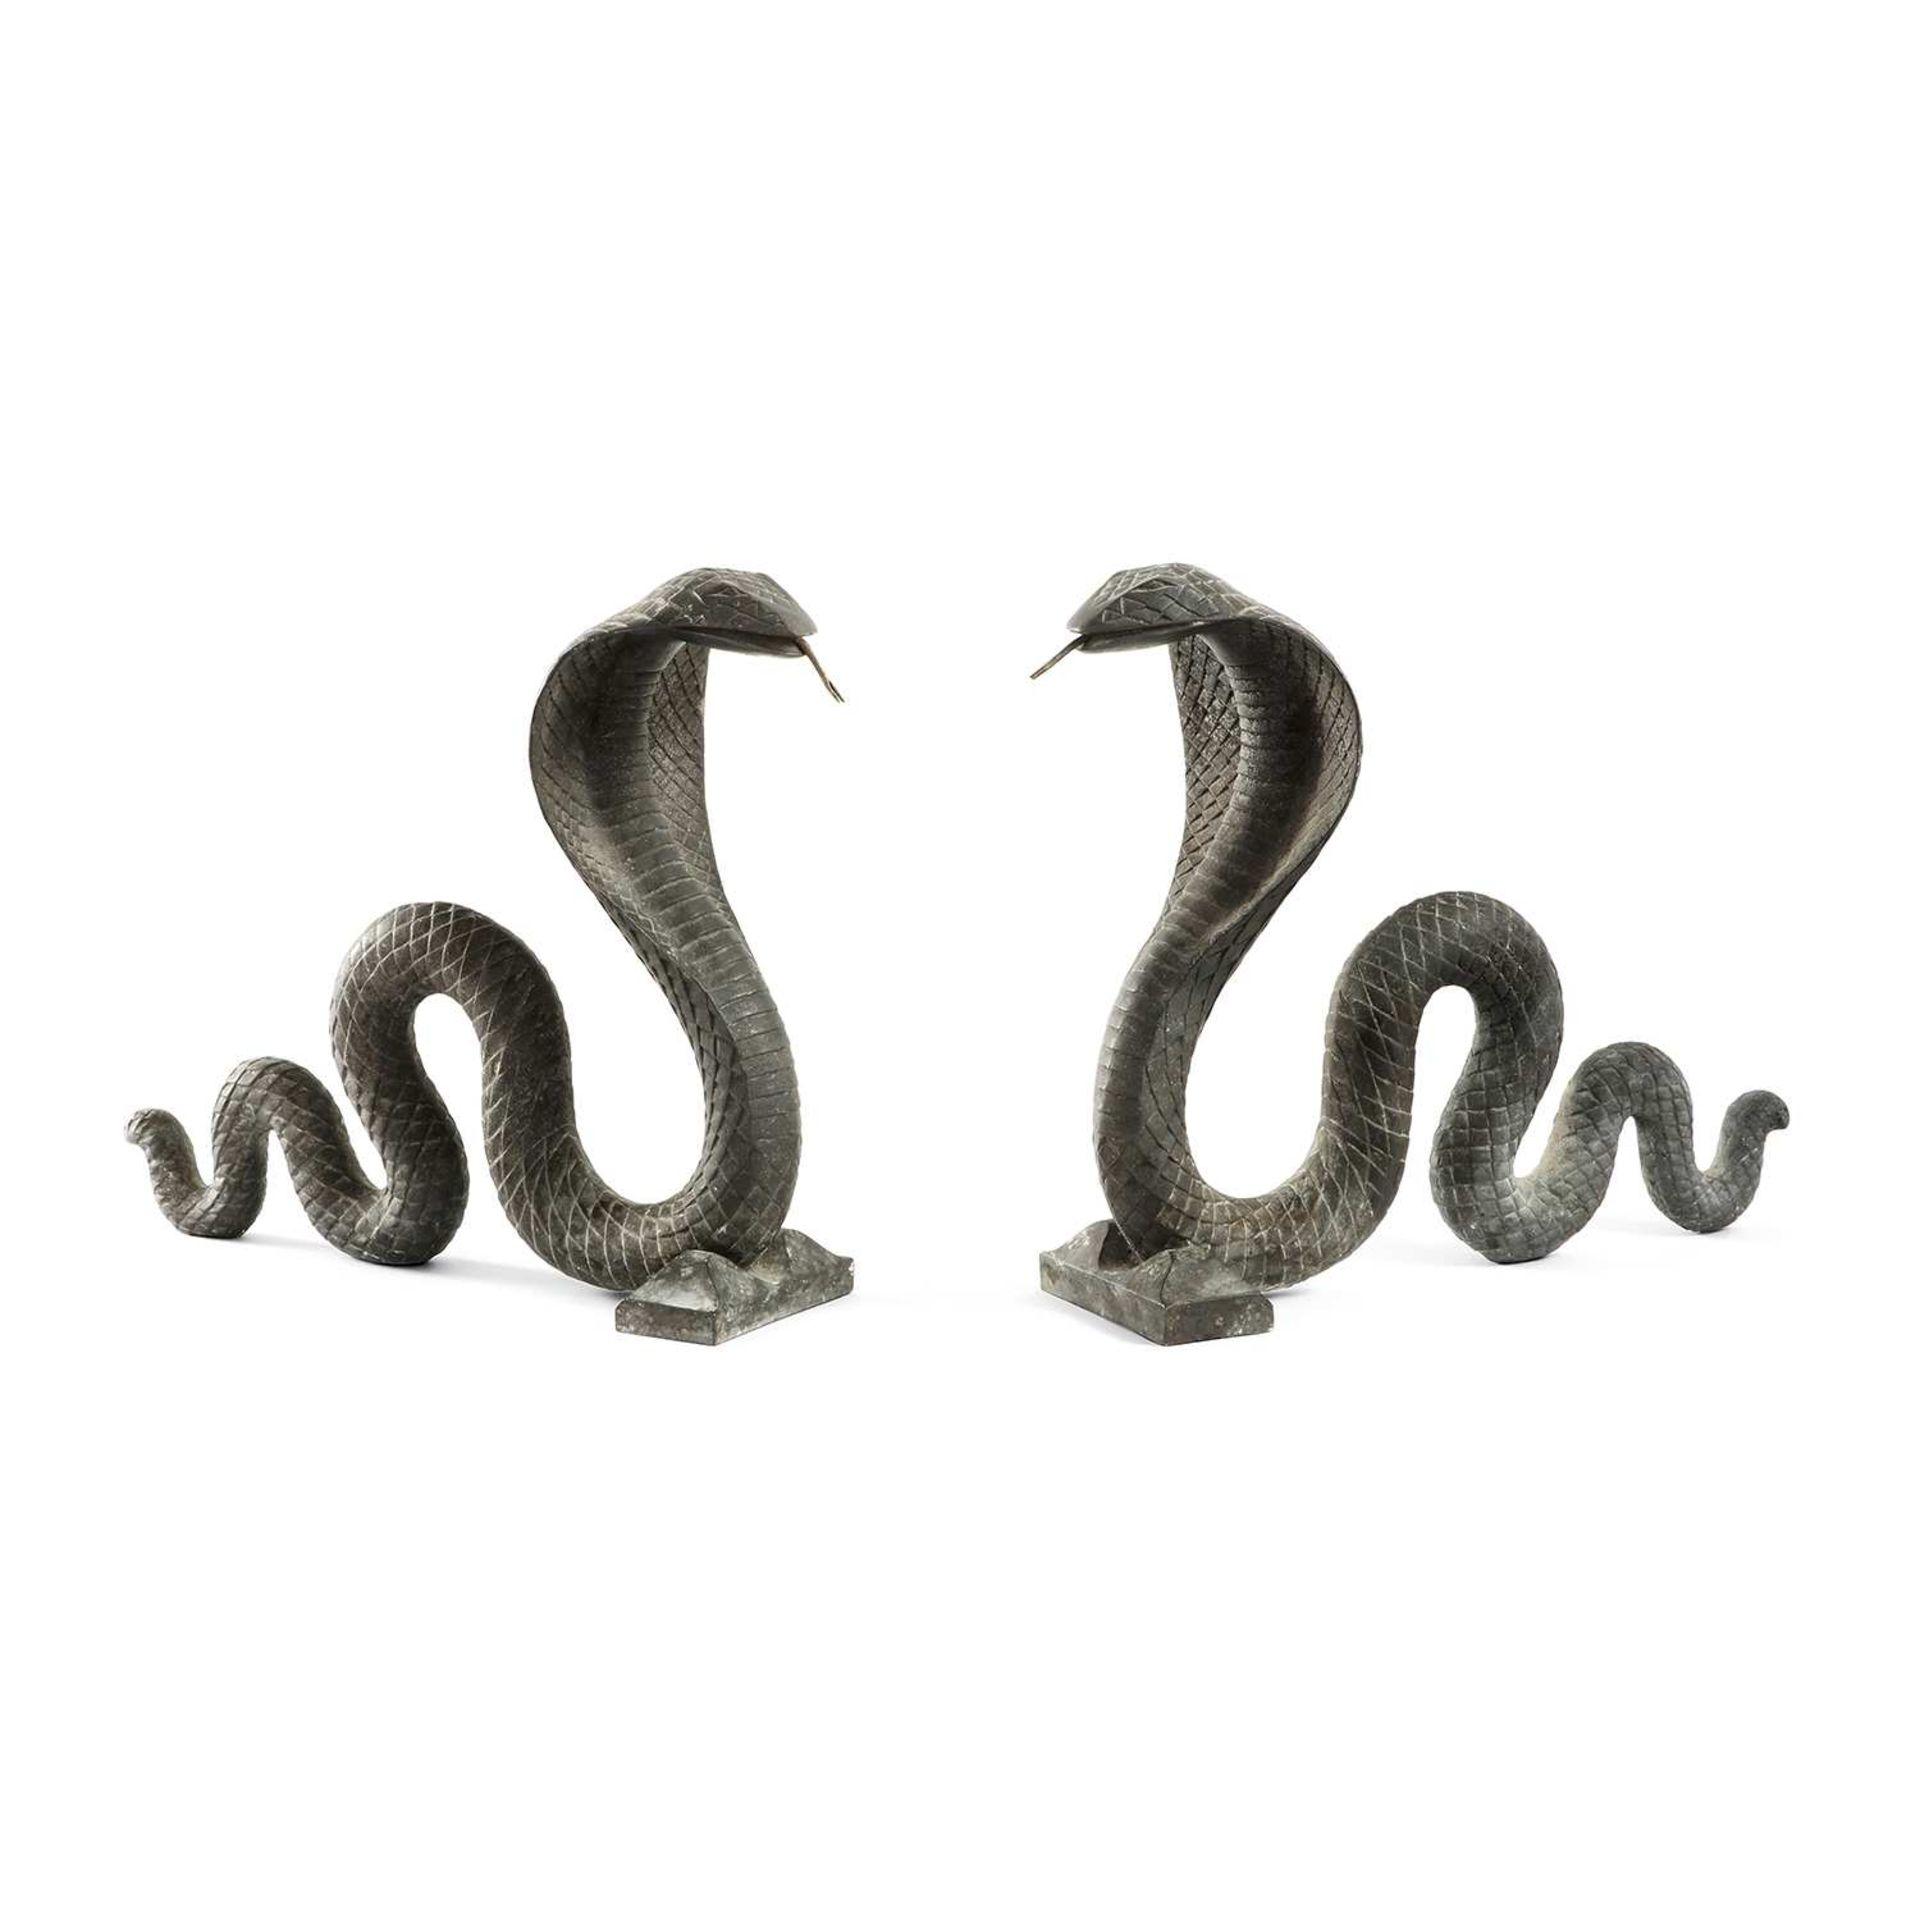 Los 46 - ANNÉES 30 Paire de chenets en bronze à patine noire représentant des cobras dressés, corps animé d'